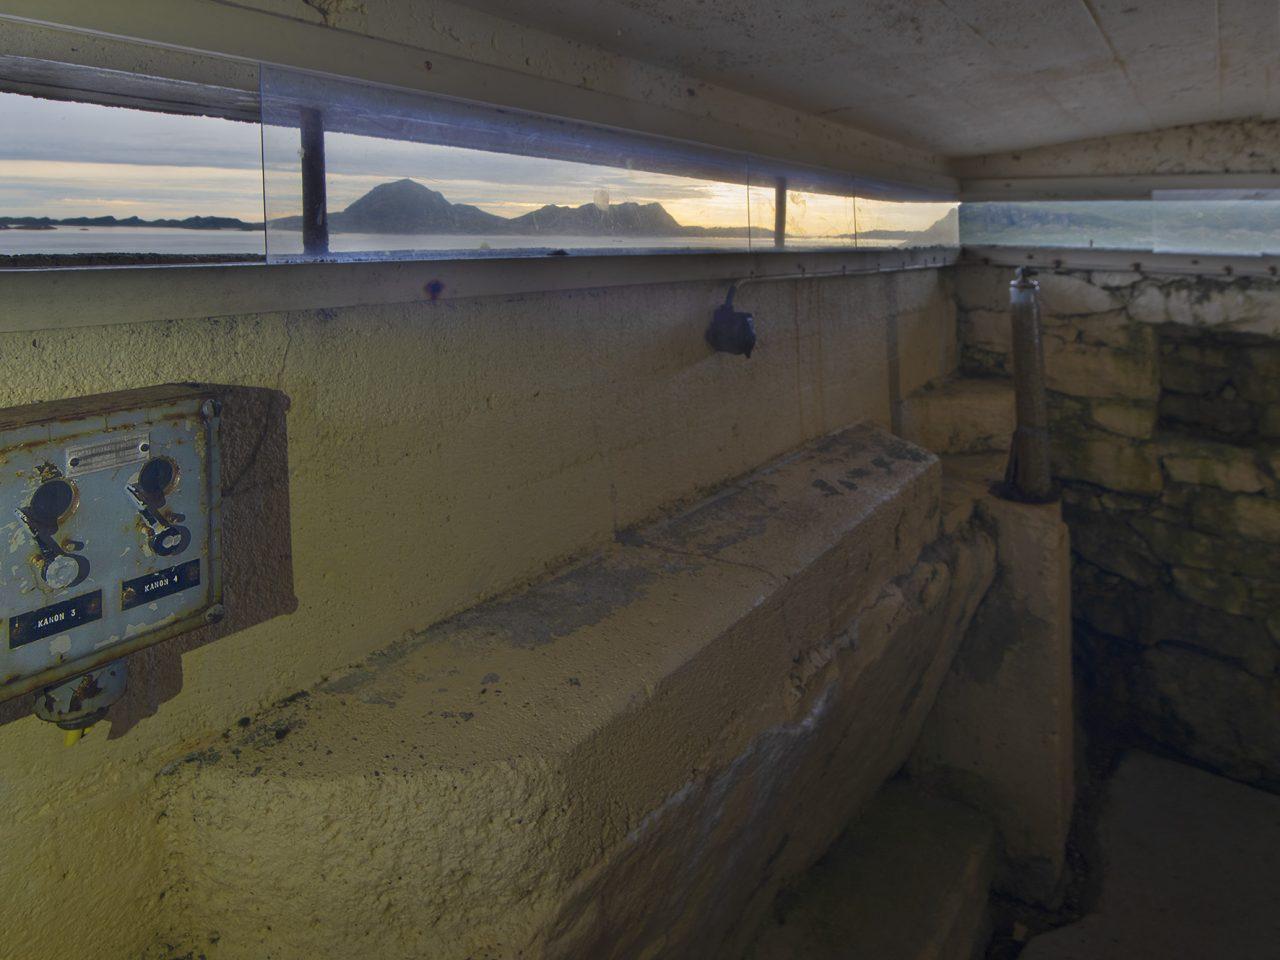 Kommandoplass på Grønsvik kystfort, Lurøy